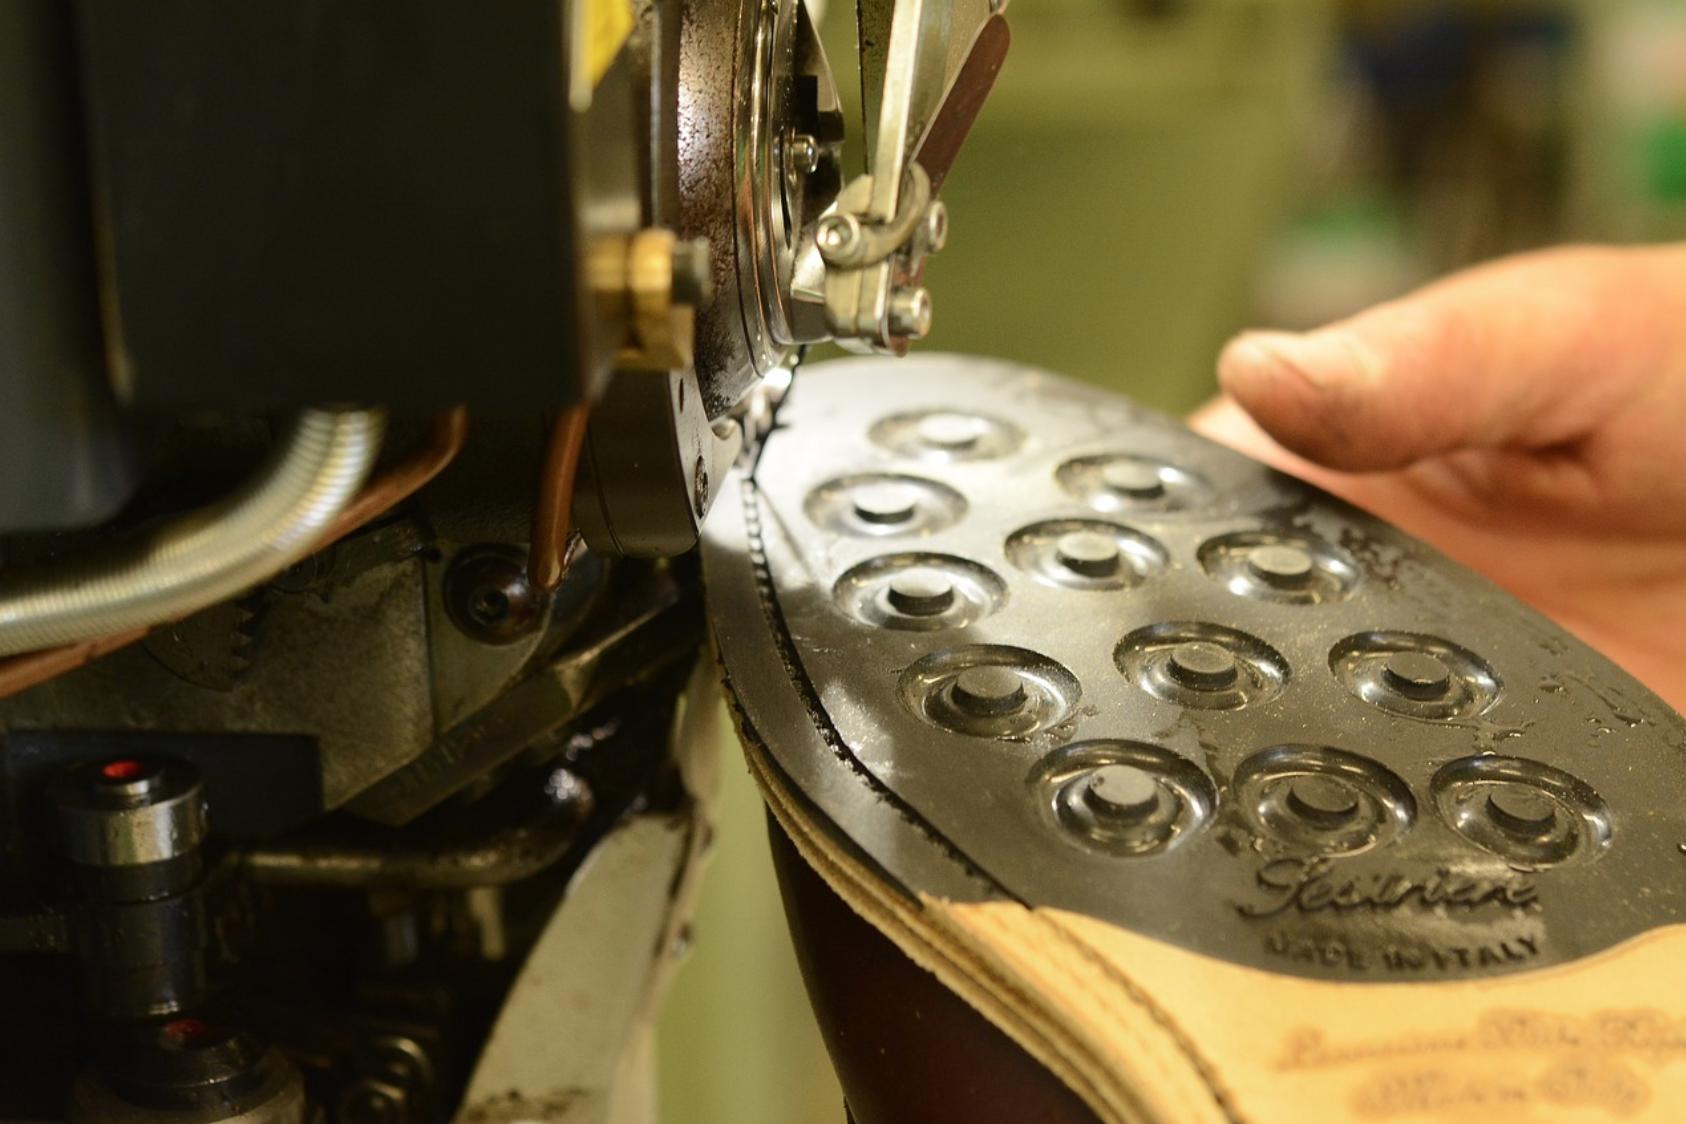 意大利高端鞋履制造区开始复苏,今年前三个月对中国出口额增长74.8%